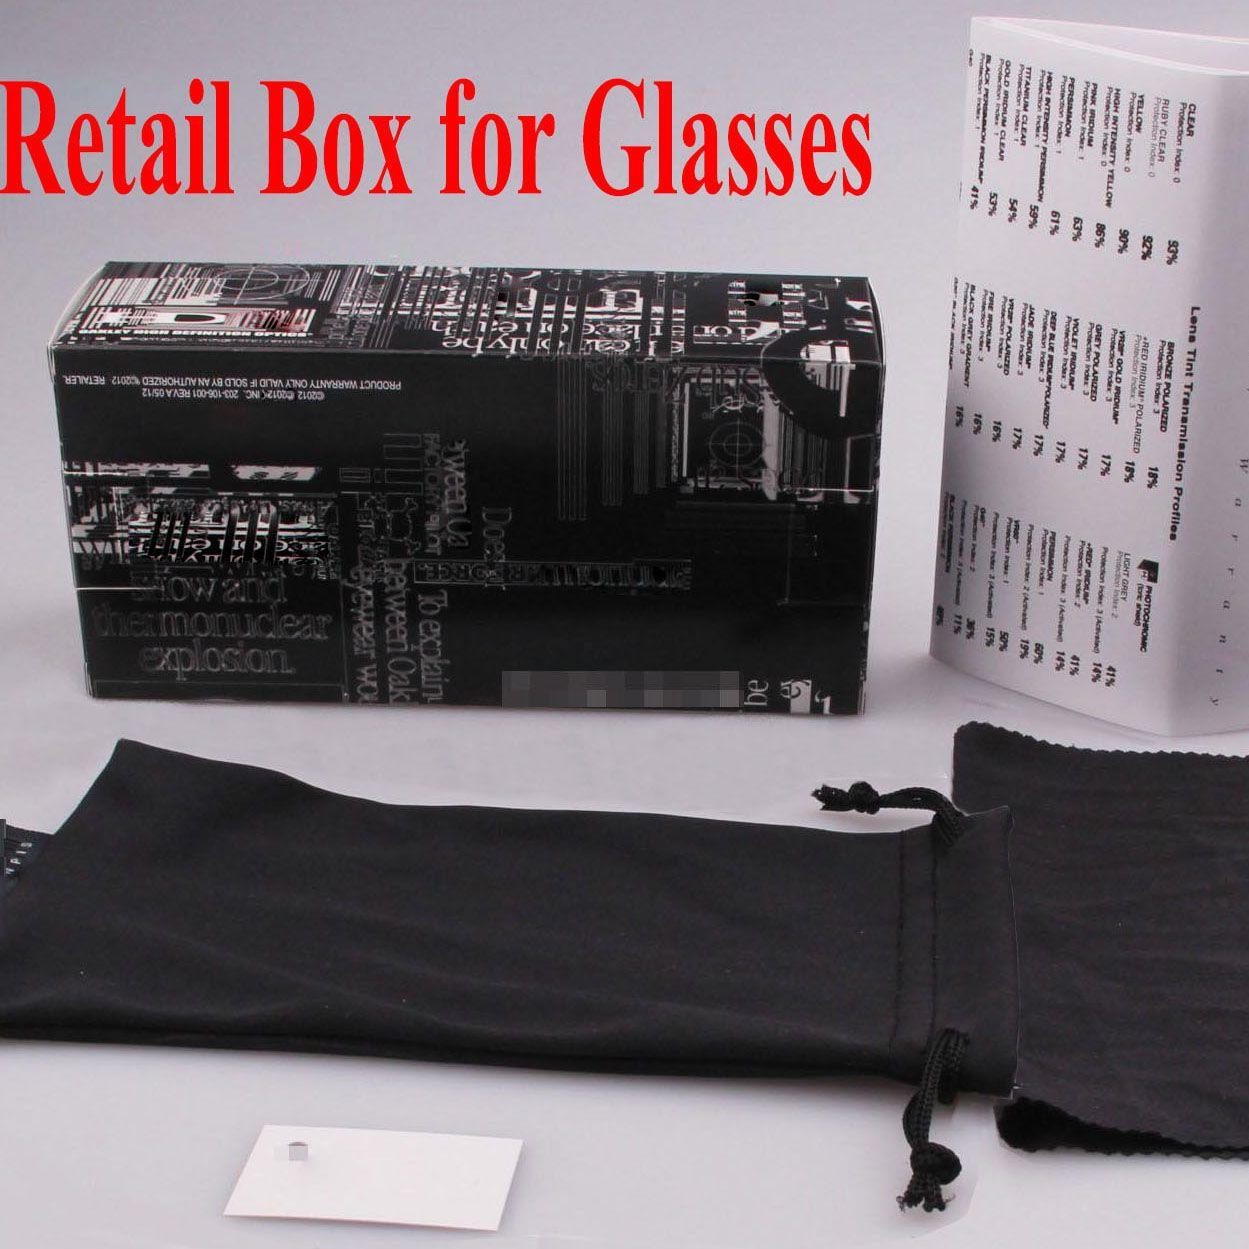 Pacchetti di vendita al dettaglio di occhiali da sole con scatola, custodia, panno, pacchetti retai di buona qualità Prezzo di fabbrica per occhiali da sole di marca